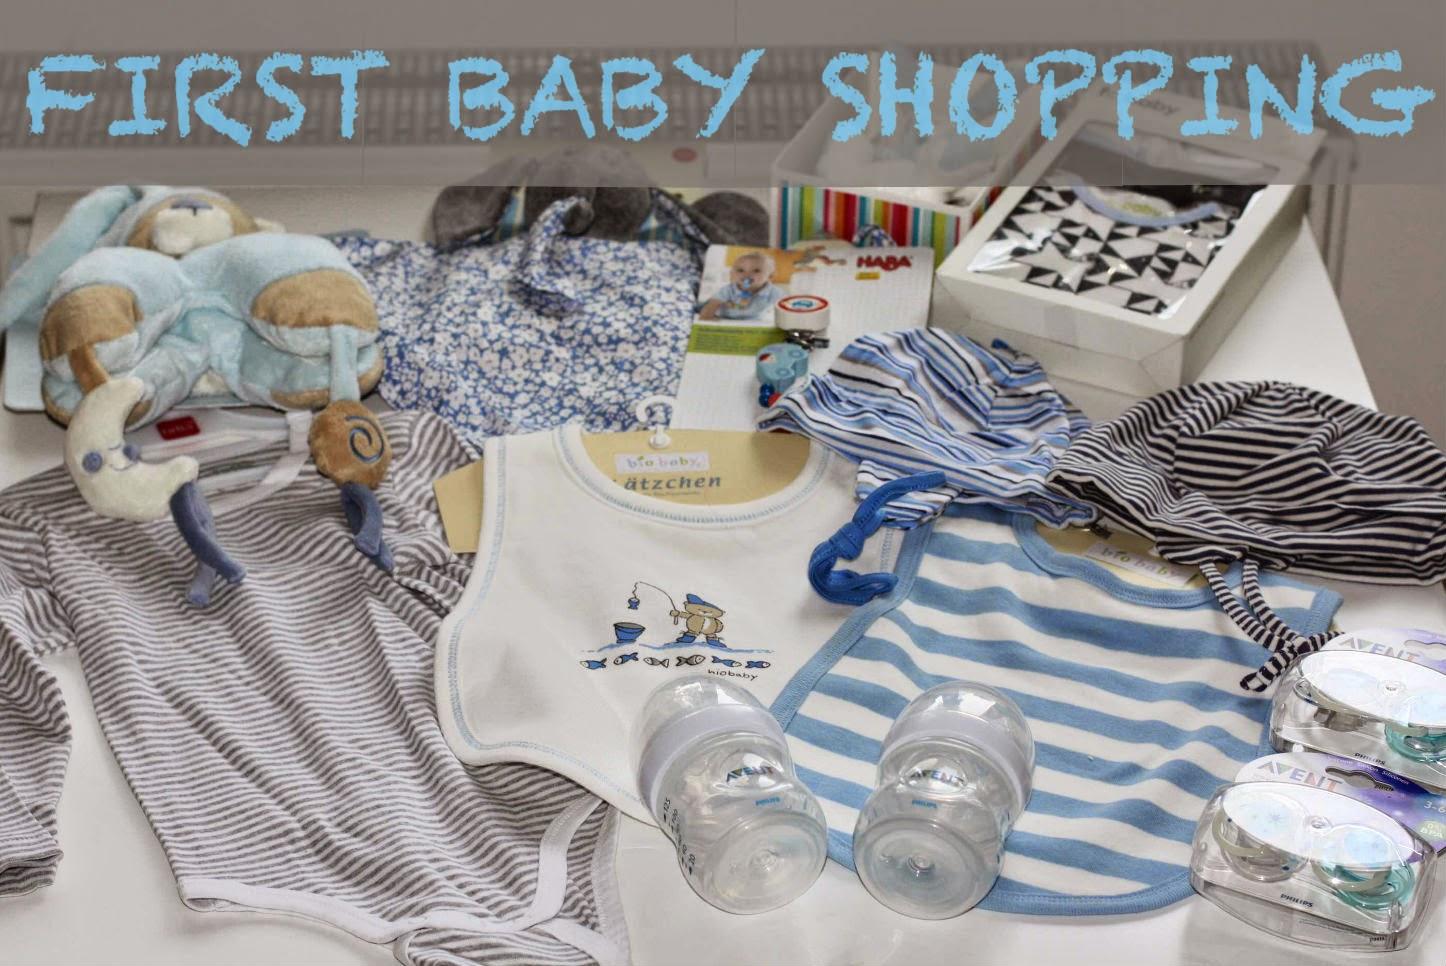 Babyshopping, Babysachen, erster Einkauf, Limango Outlet